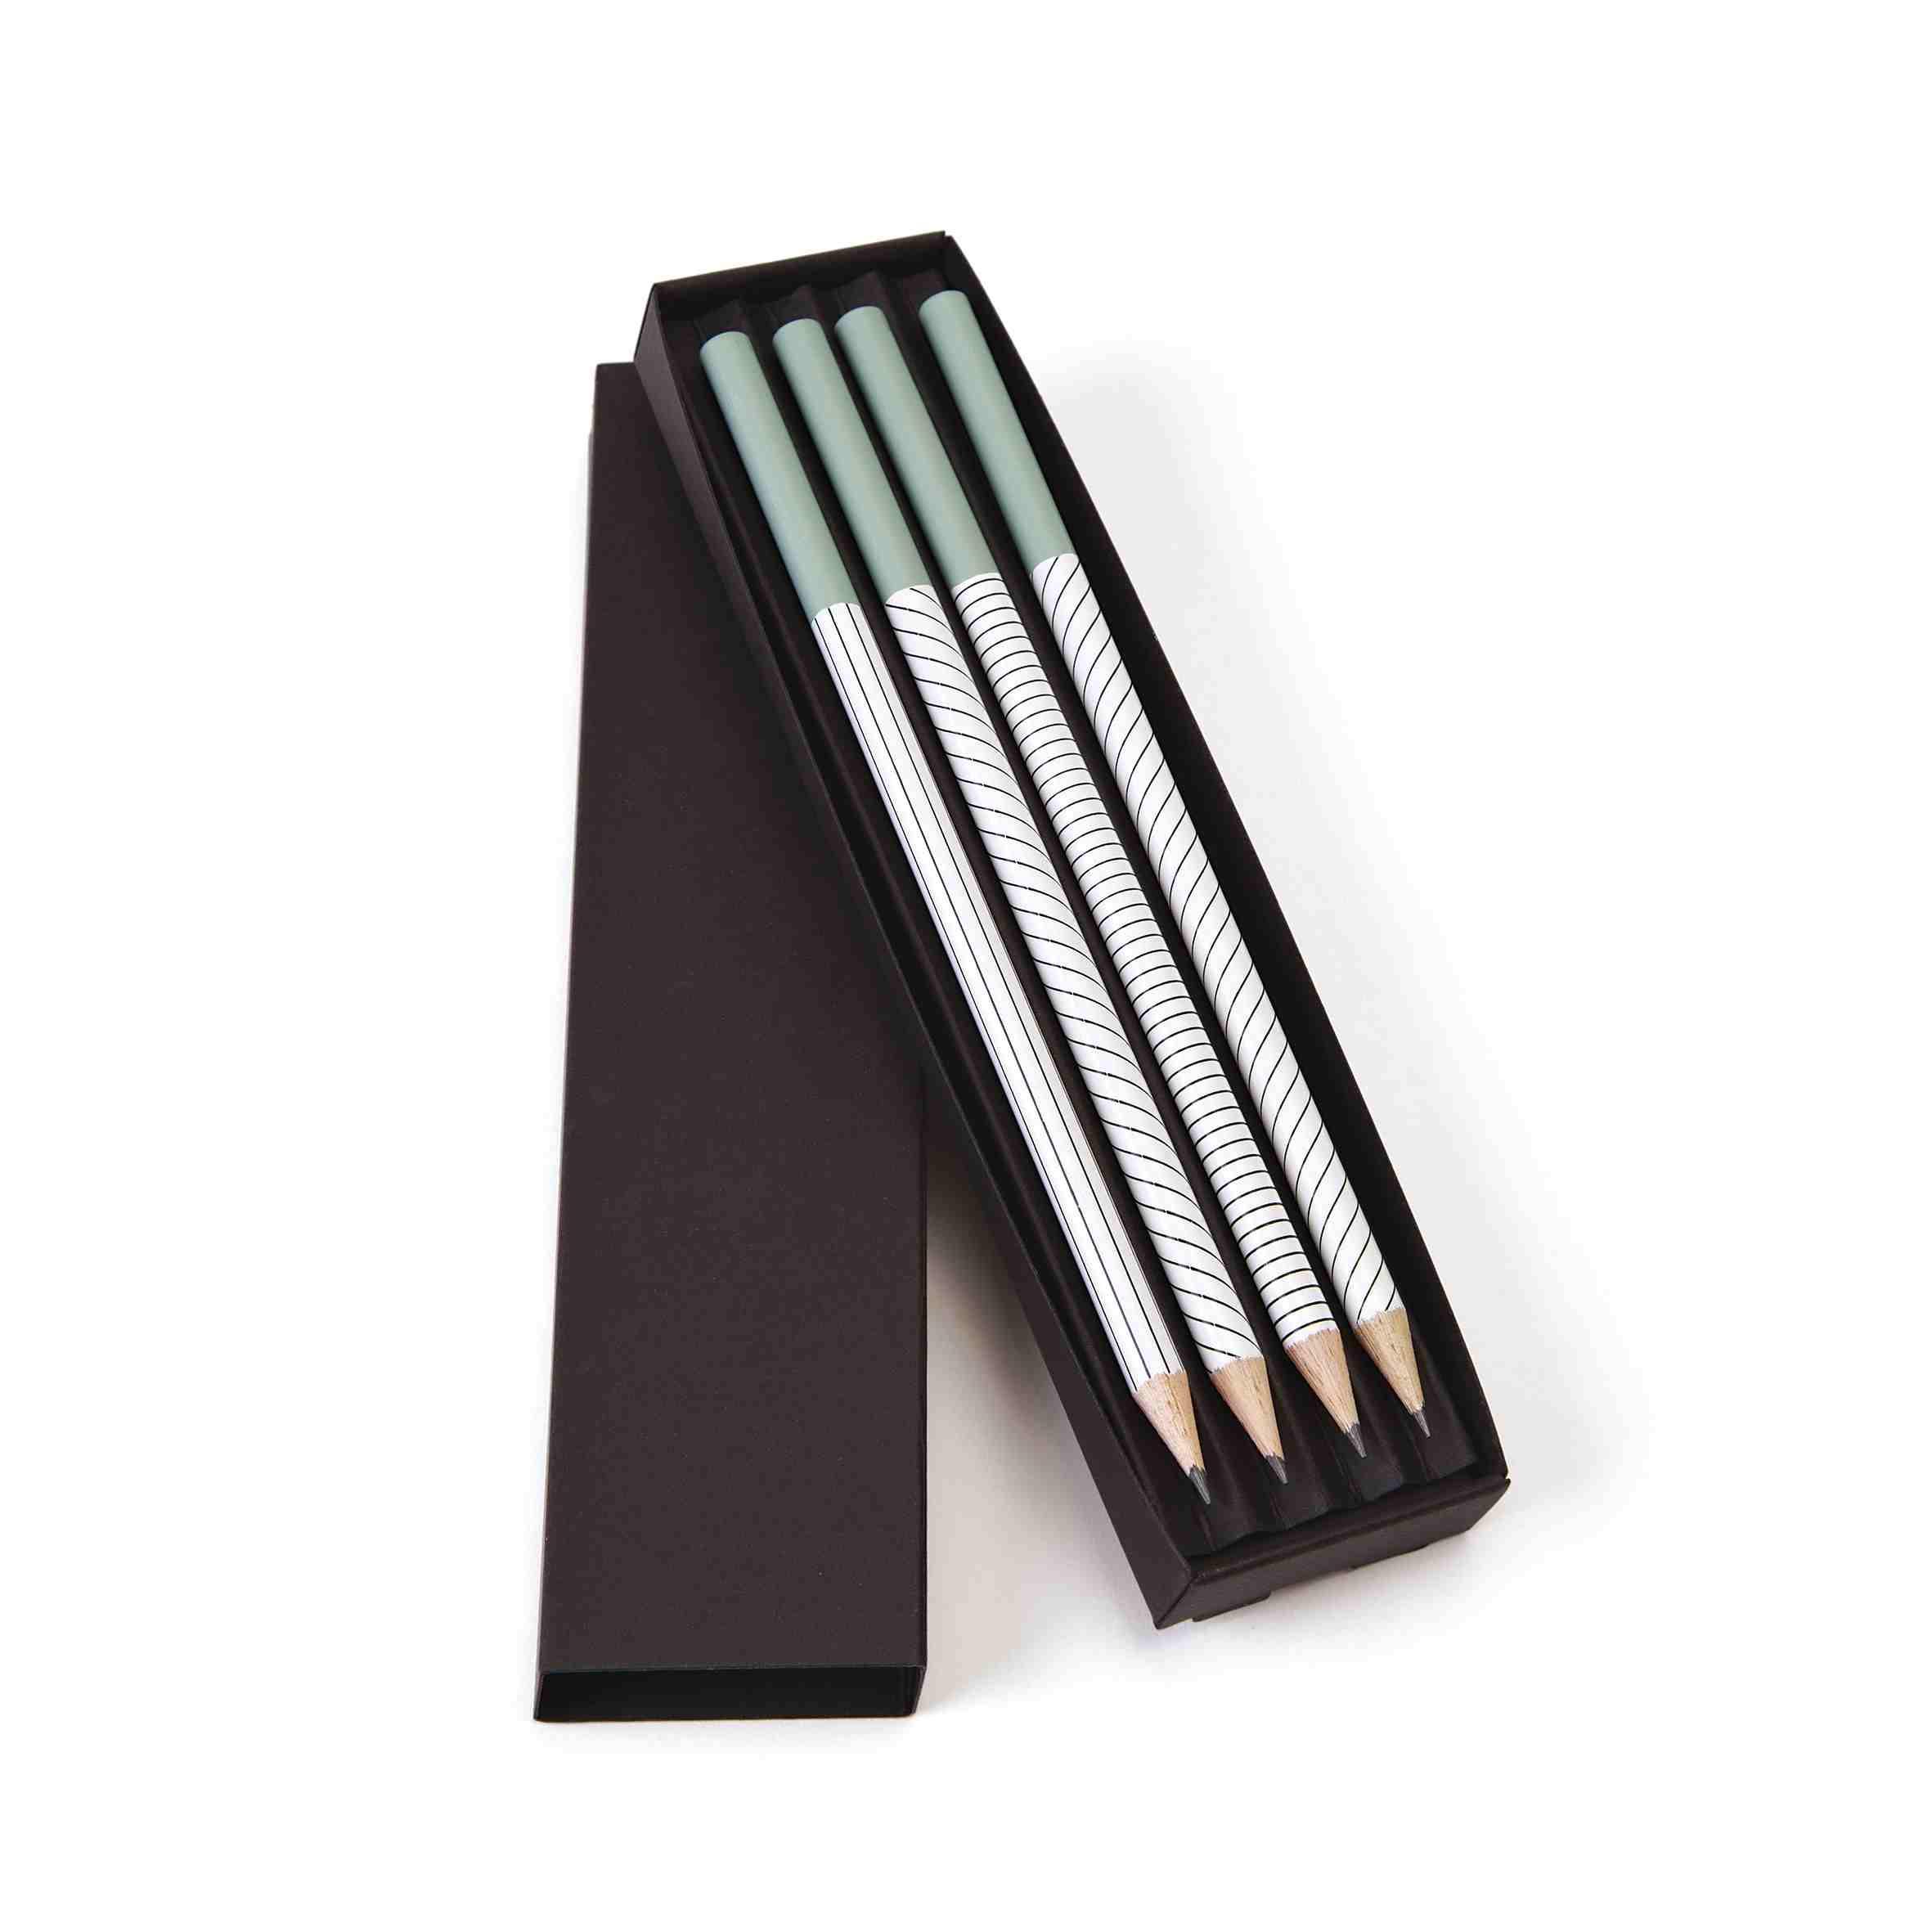 cadeau entreprise made in france - crayons publicitaires en coffret Graph